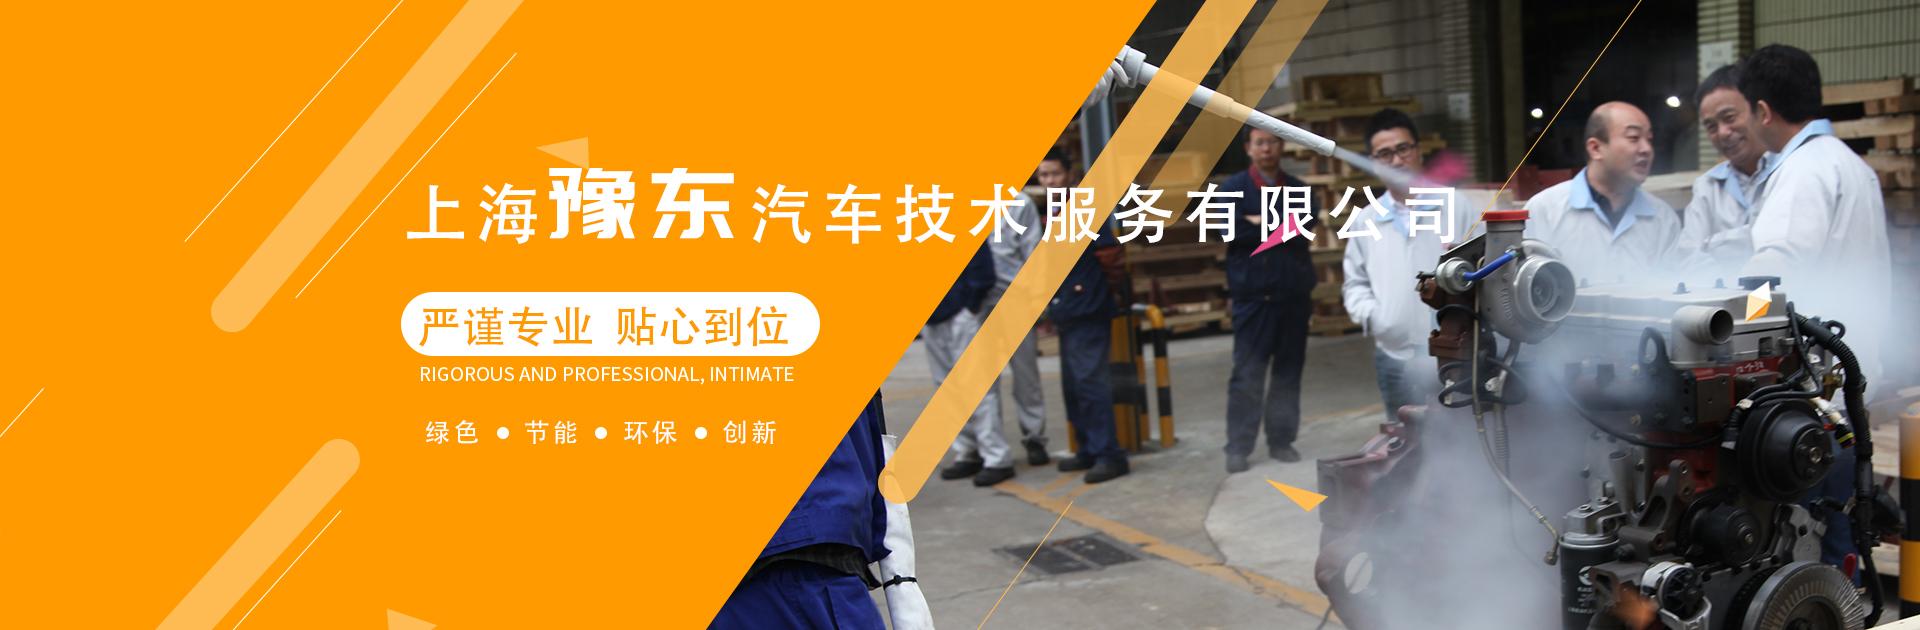 上海豫东汽车技术服务有限公司